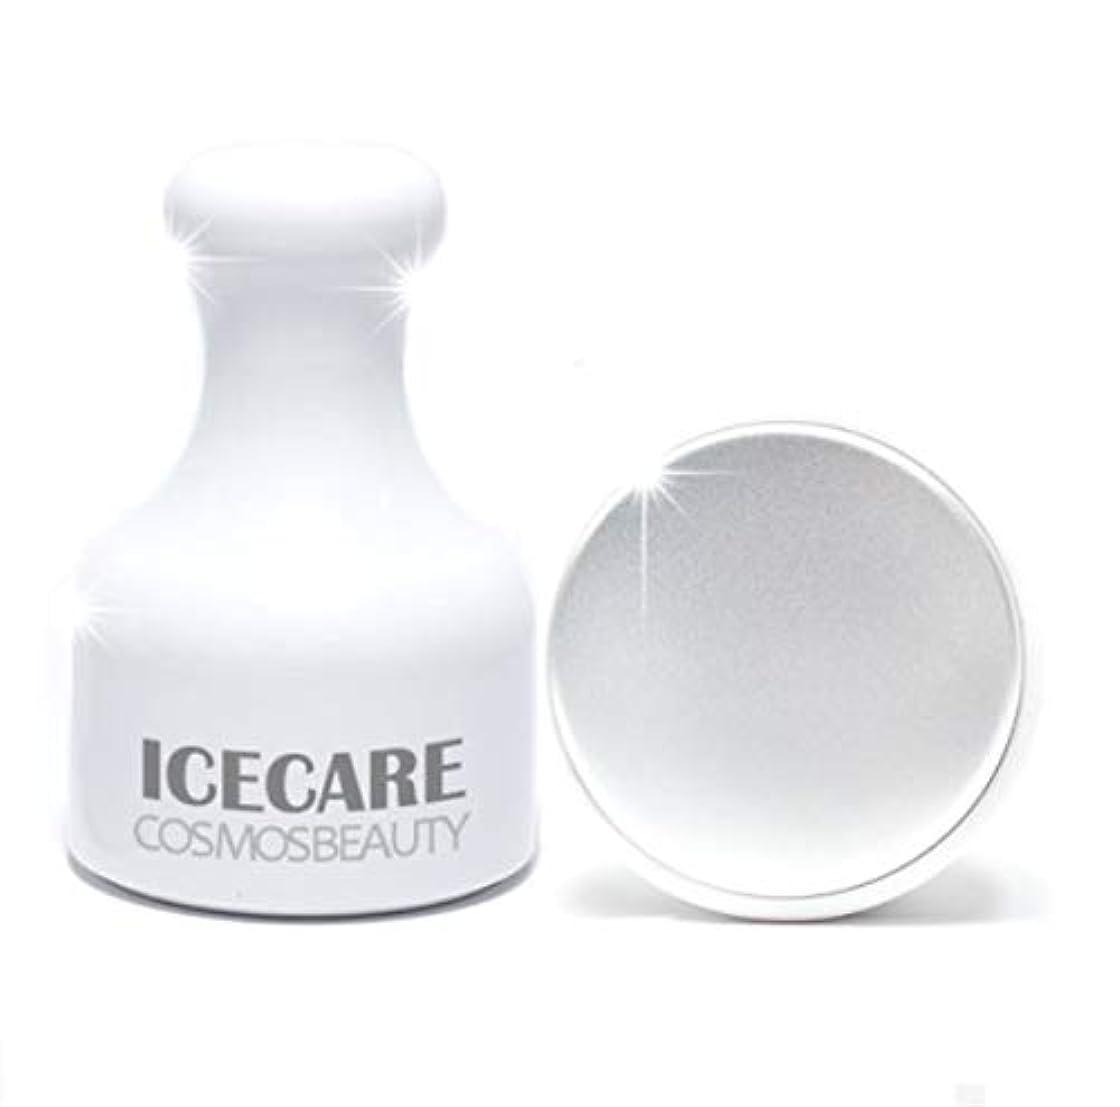 原油士気ホステスCosmosbeauty Ice Care 毛穴ケア、冷マッサージ,フェイスクーラーアイスローラーフェイスローラー顔マッサージ機構の腫れ抜き方法毛穴縮小(海外直送品)